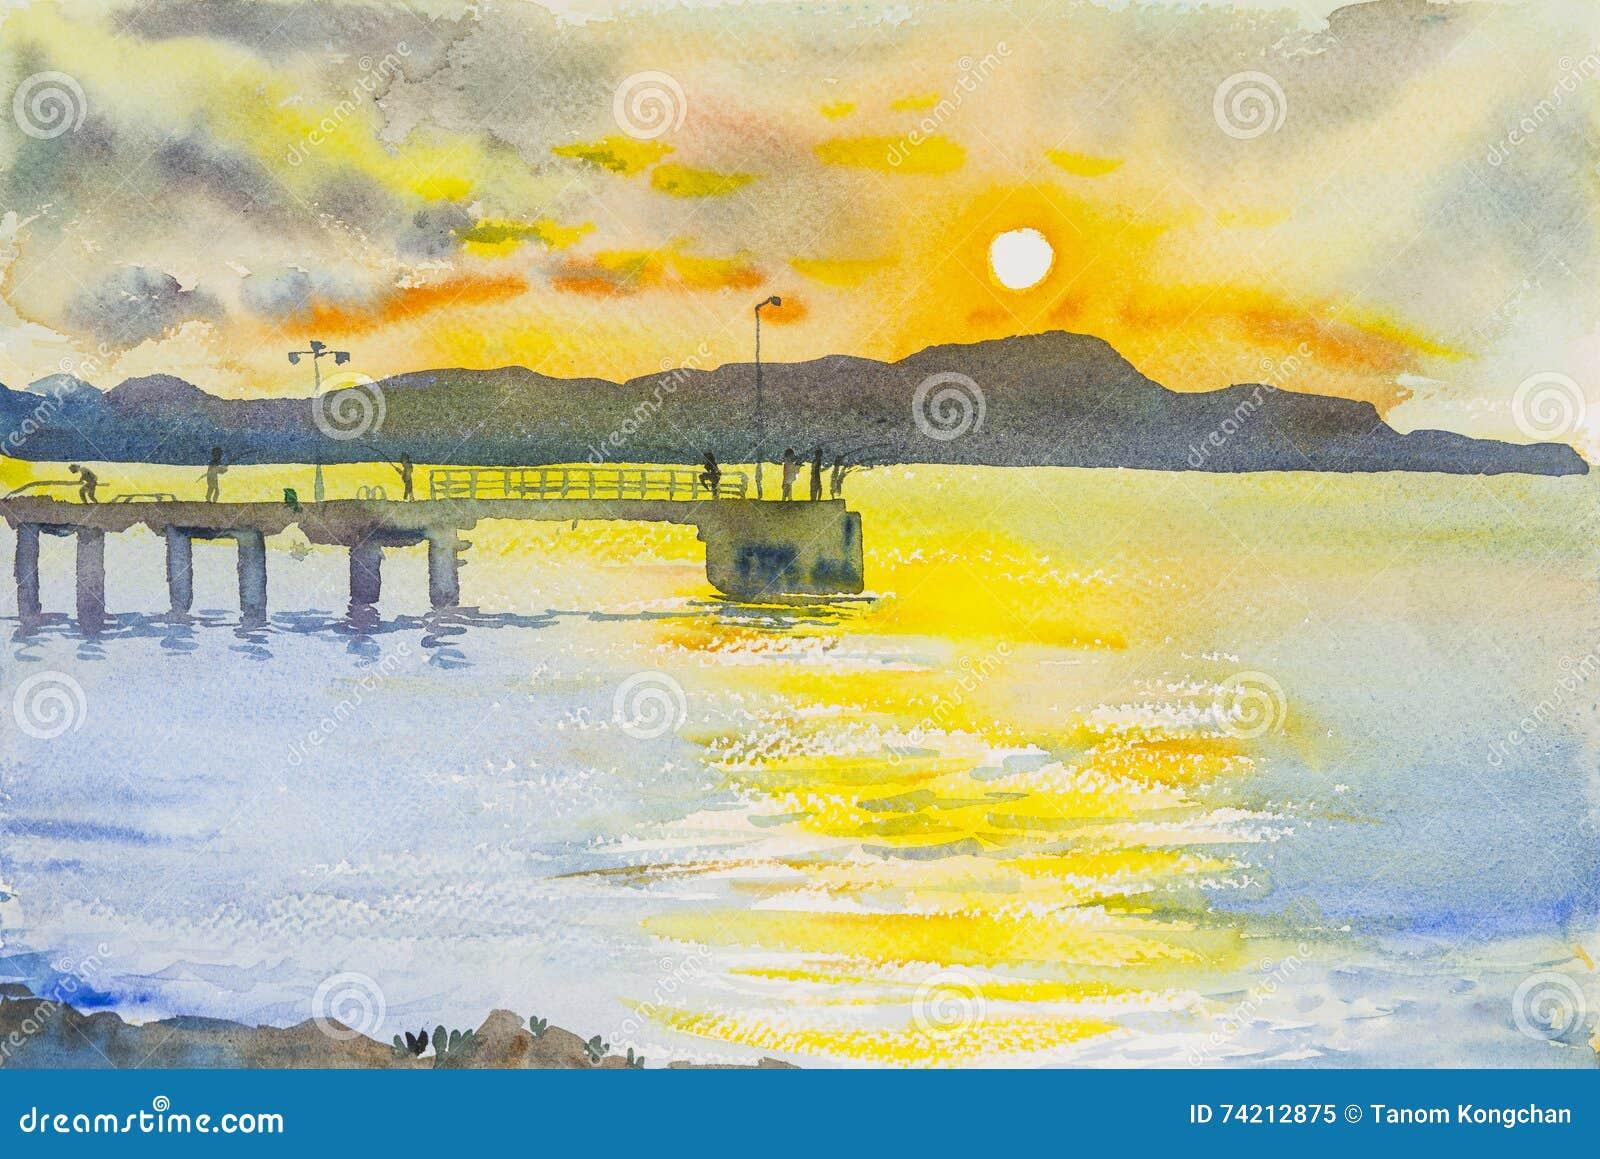 Coucher du soleil de peinture de paysage marin coloré de la montagne et de l émotion